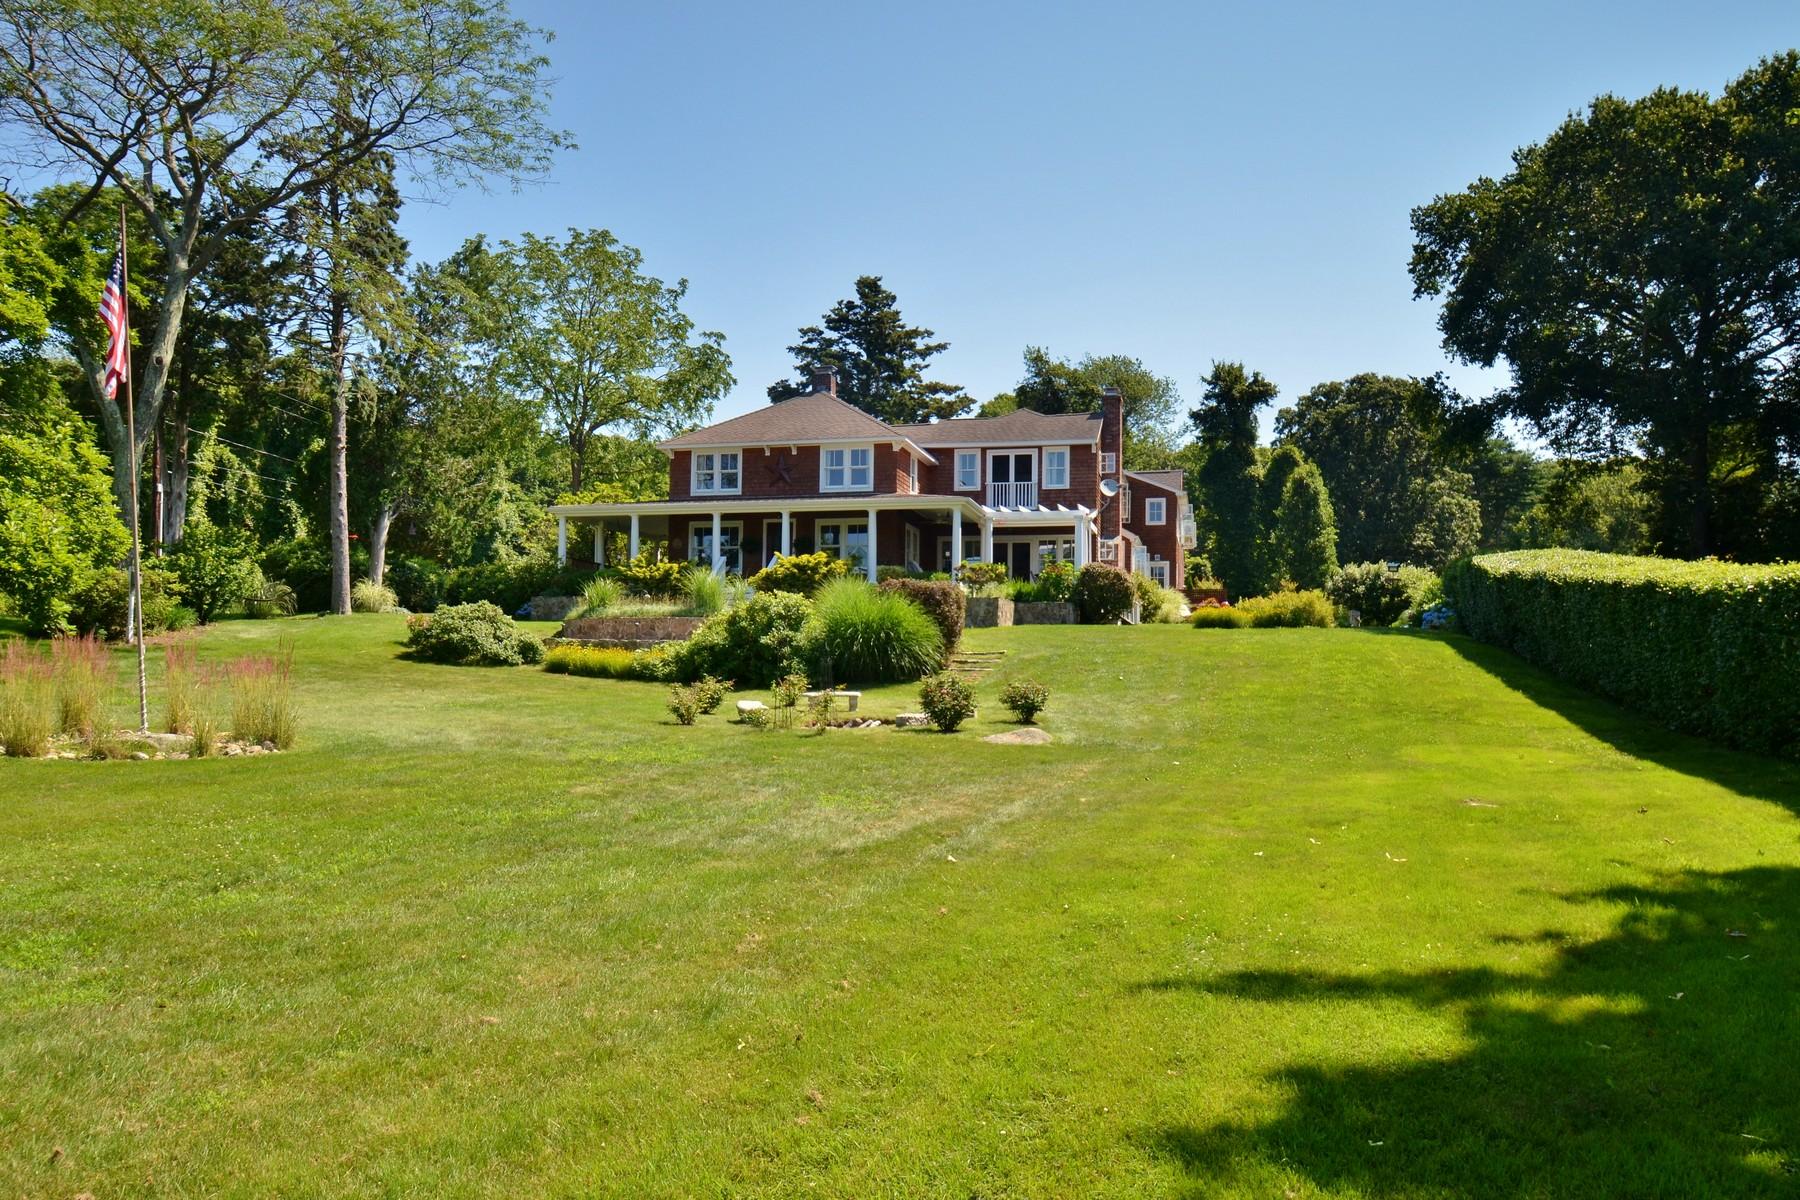 Einfamilienhaus für Verkauf beim Completely Renovated with Water View 100 Old Black Point Rd East Lyme, Connecticut 06357 Vereinigte Staaten